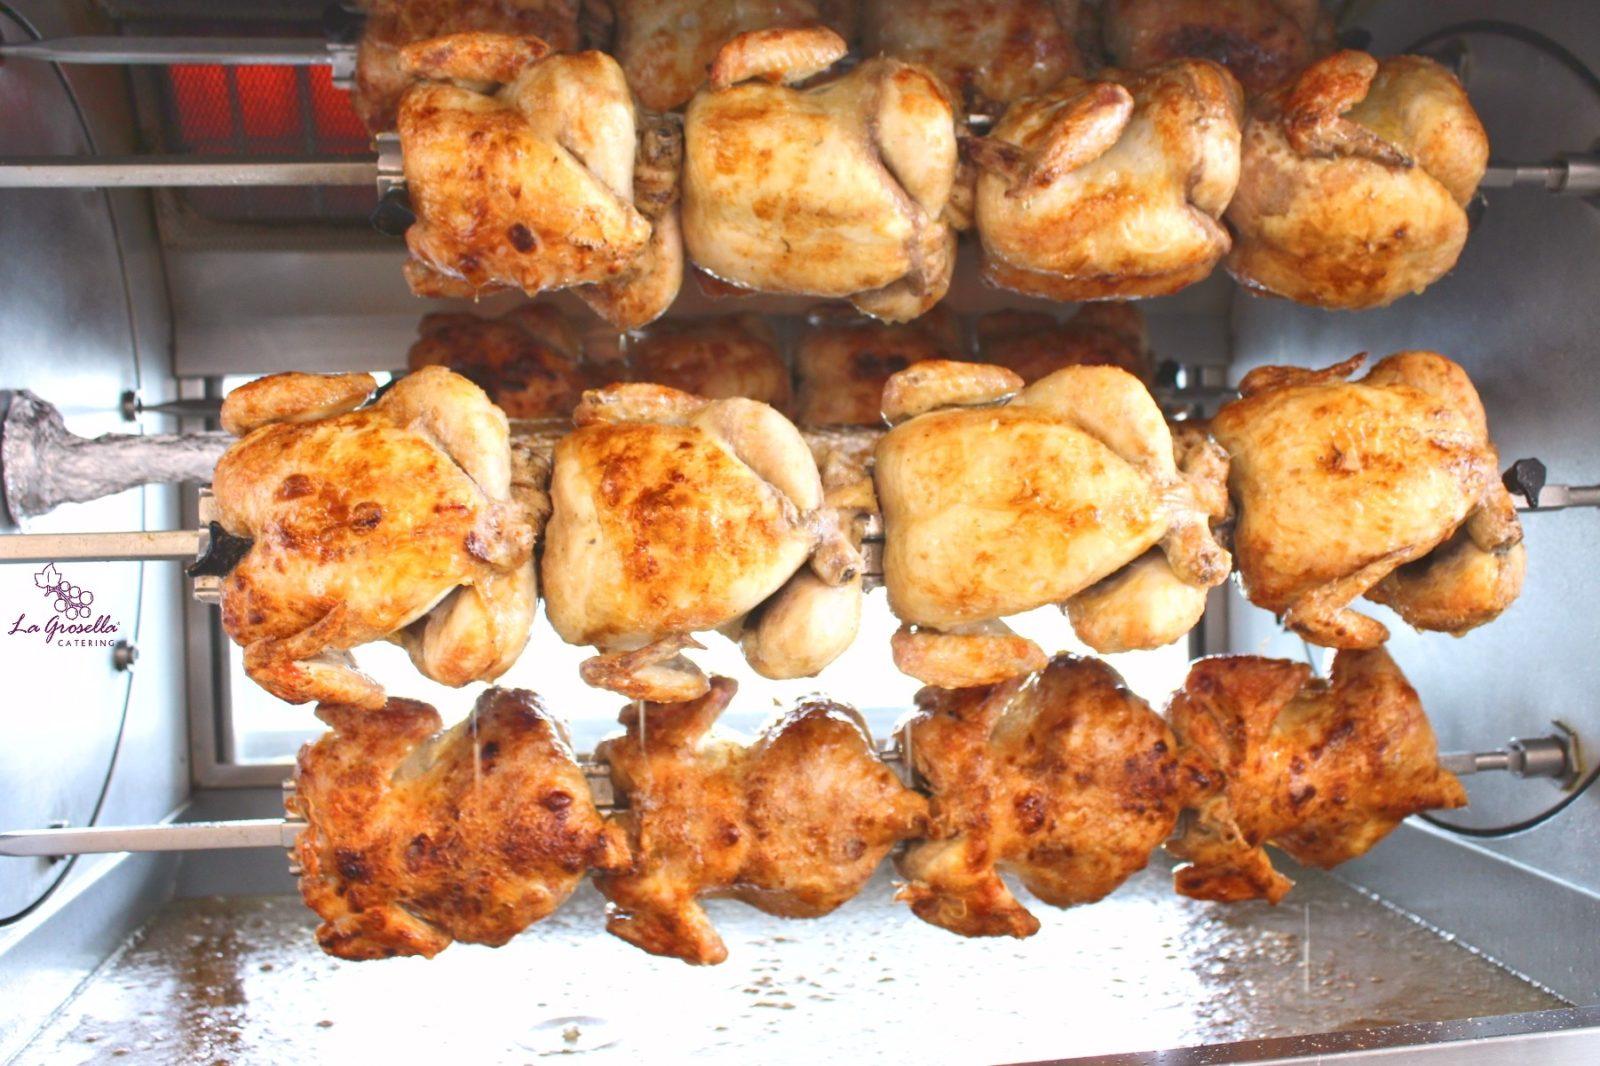 4 cuartos de pollo asado